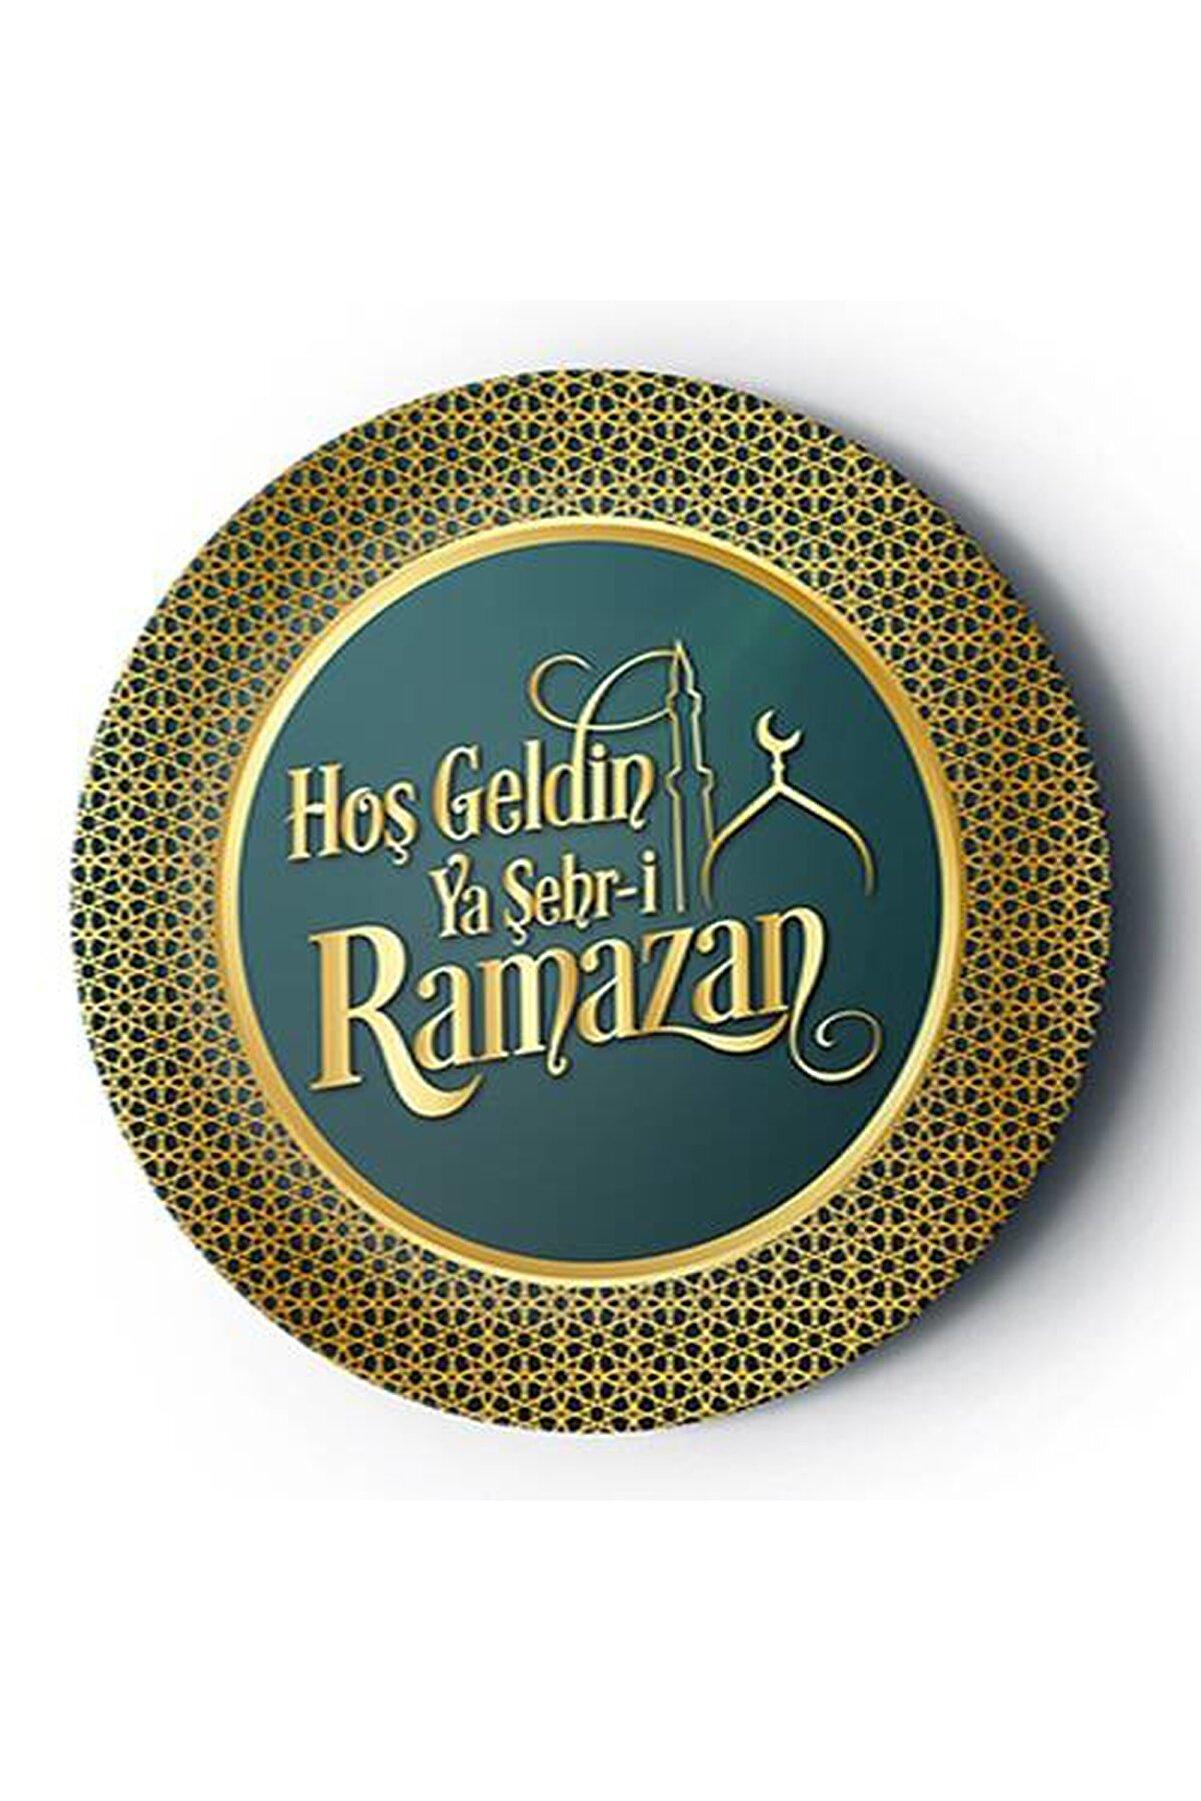 Huzur Party Store 8 Li Karton Tabak 22 Cm Dayanıklı Hoşgeldin Ya Şehri Ramazan Bayramı Temalı Dini İslami Süsü